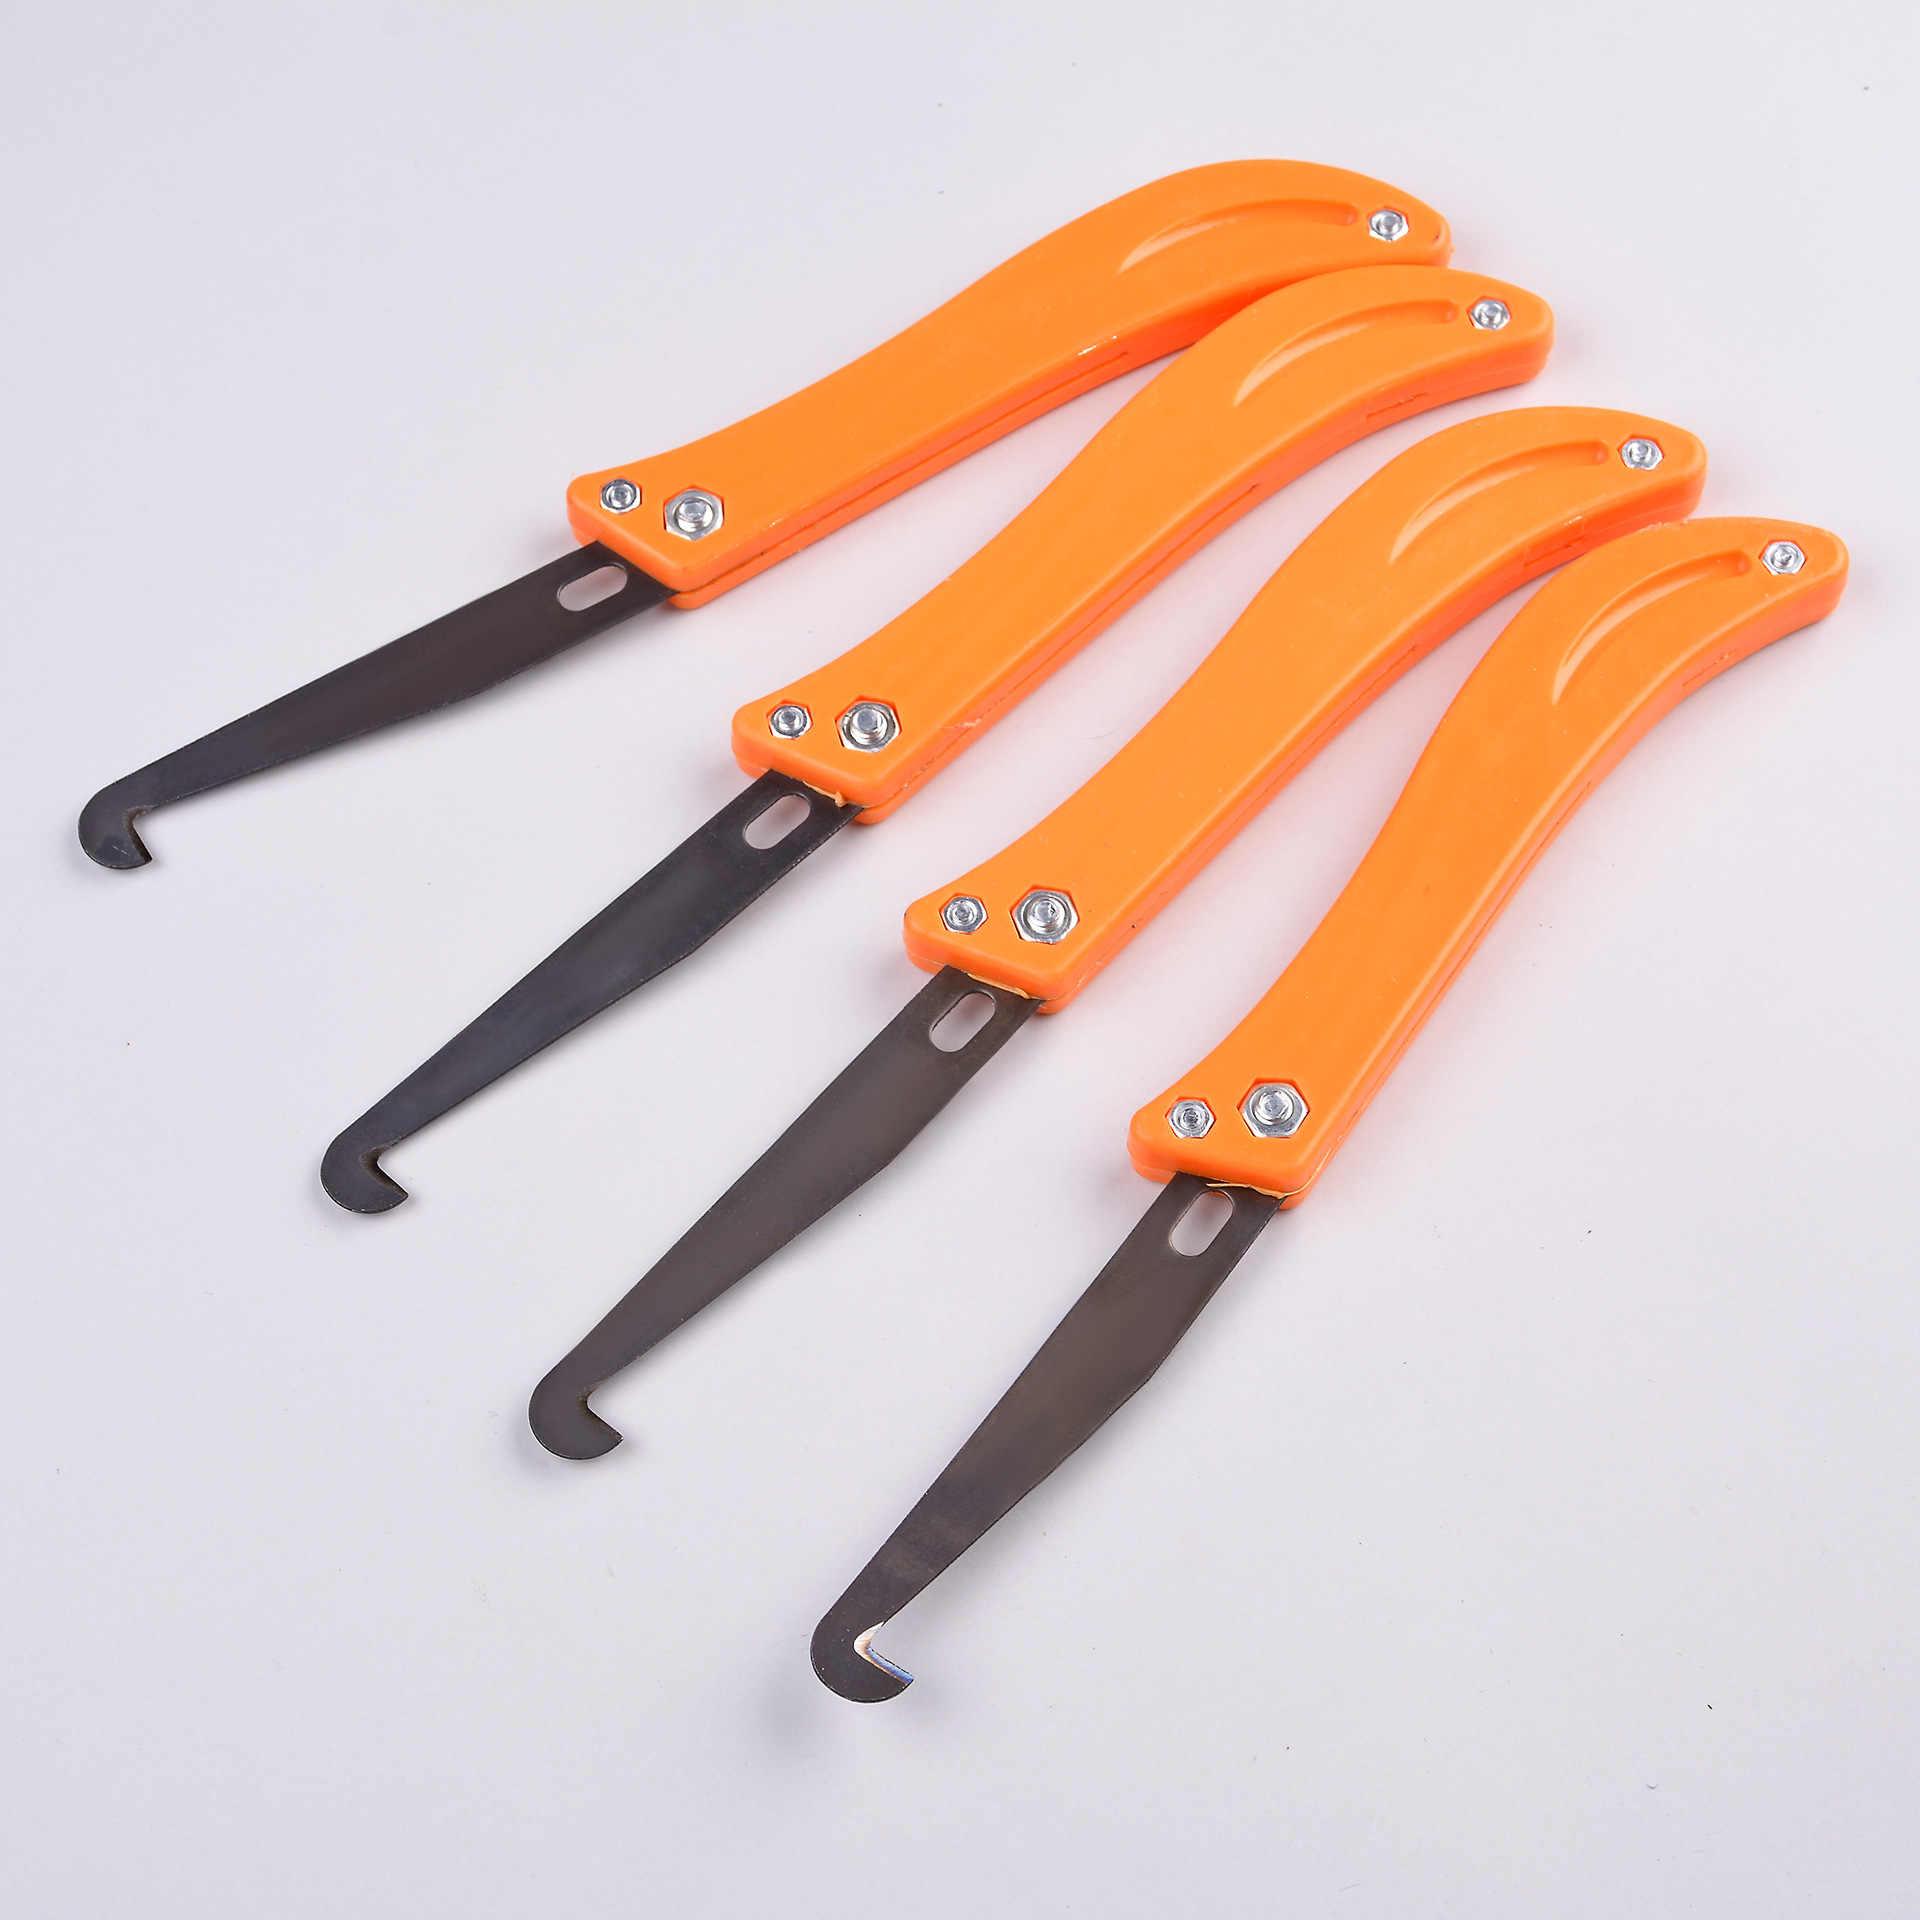 1PC Professional Lücke Haken Messer Fliesen Reparatur Werkzeug Alt Mörtel Reinigung Staub Entfernung Stahl Bau Hand Werkzeuge